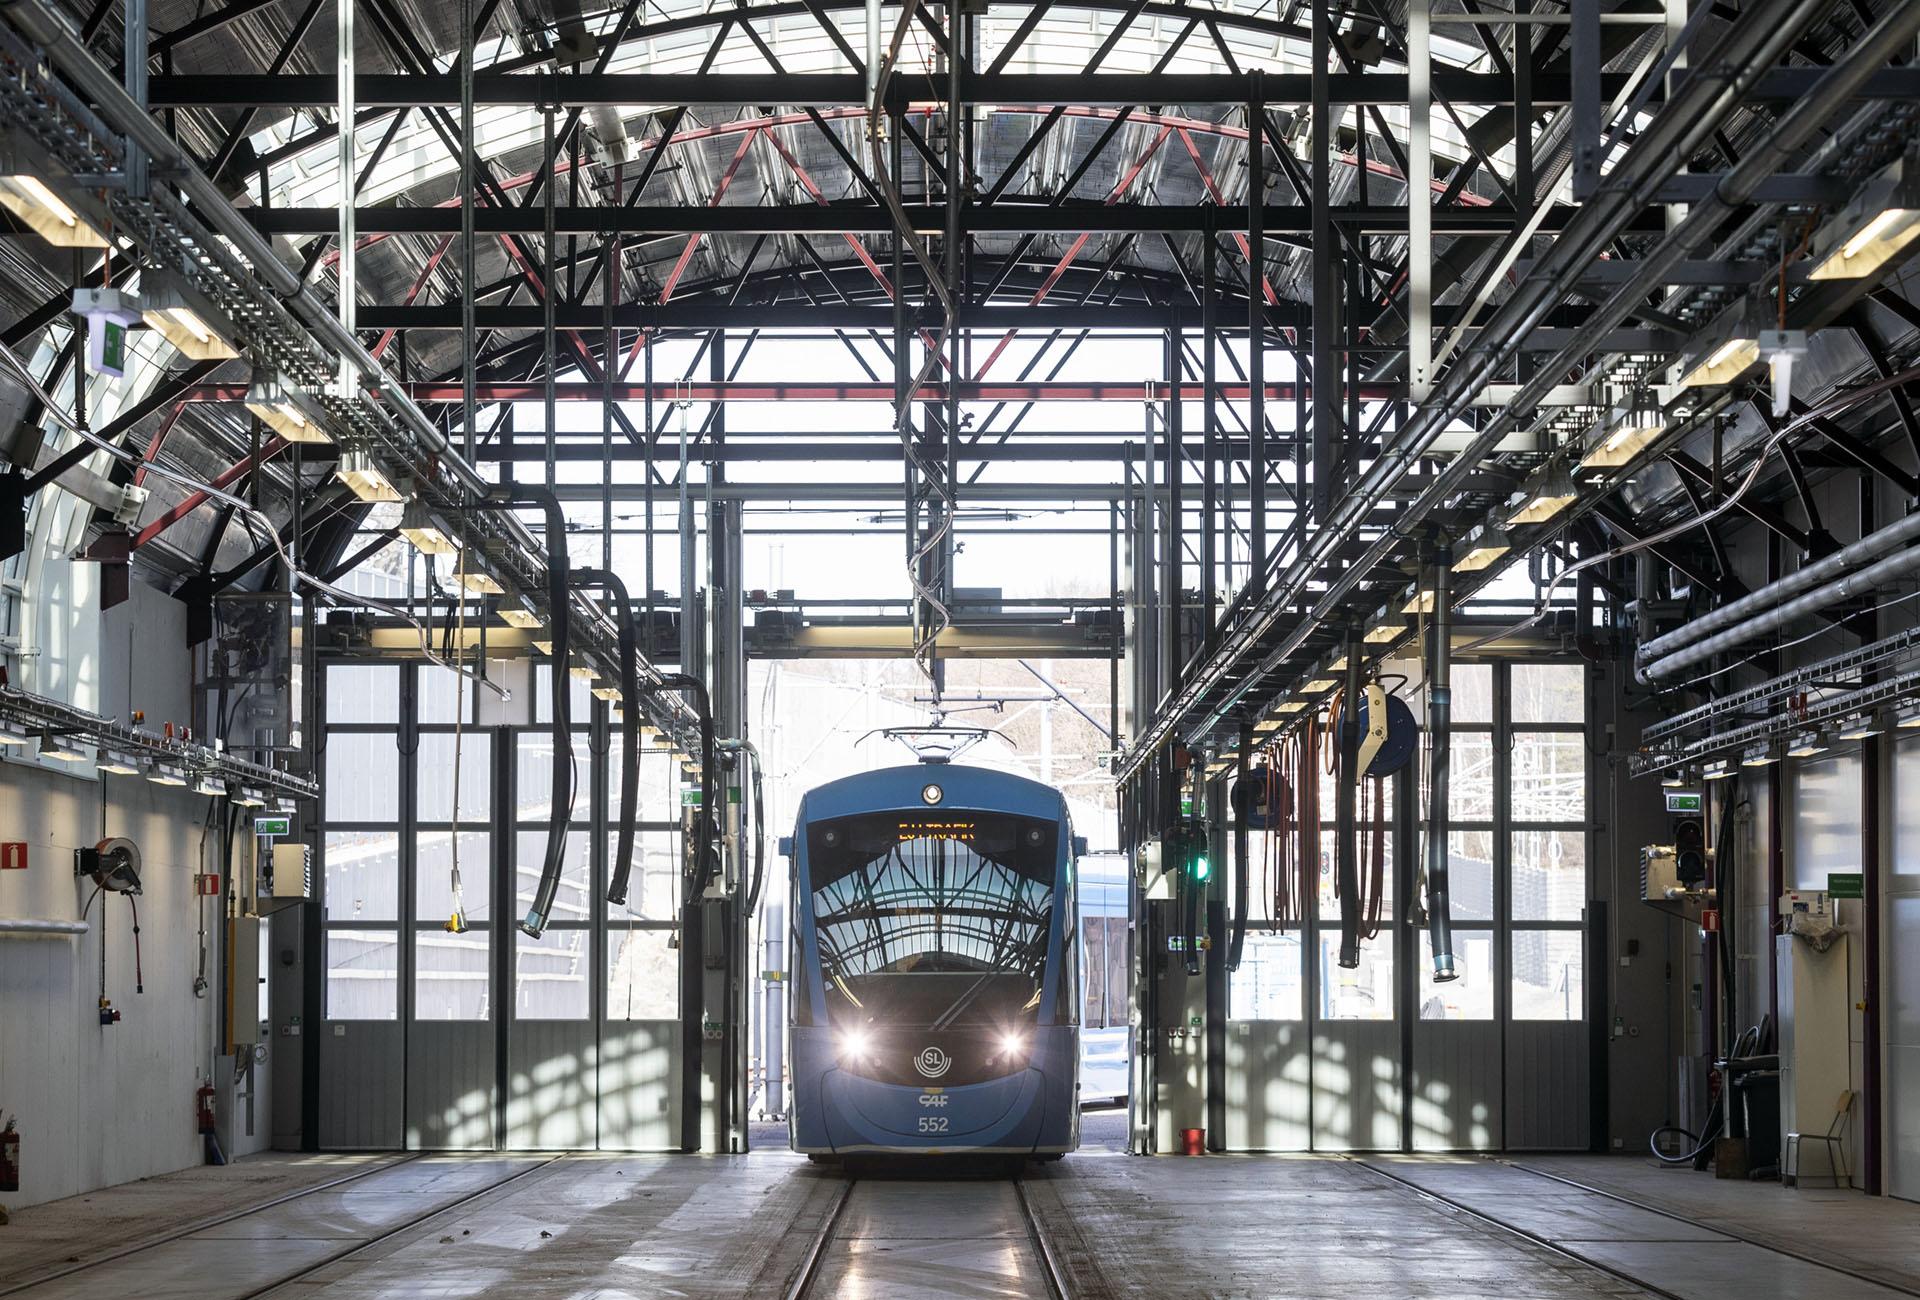 Kollektivtrafiken förlorar miljarder